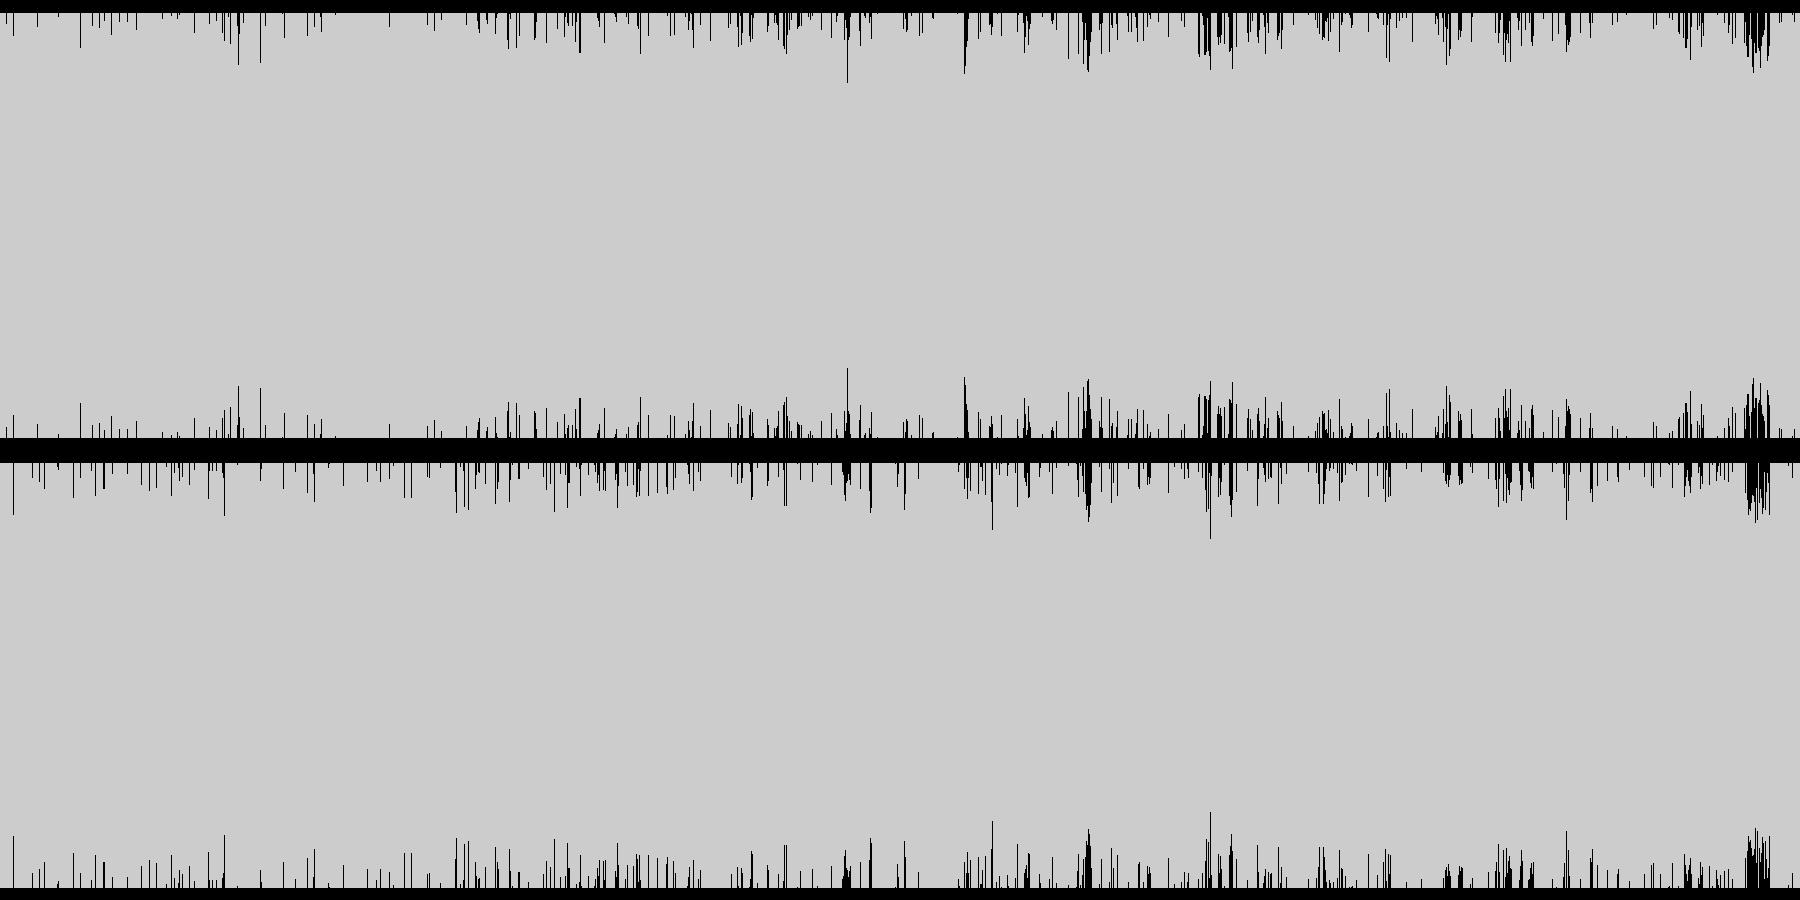 【ループ】激情系・エモーショナルなメタルの未再生の波形